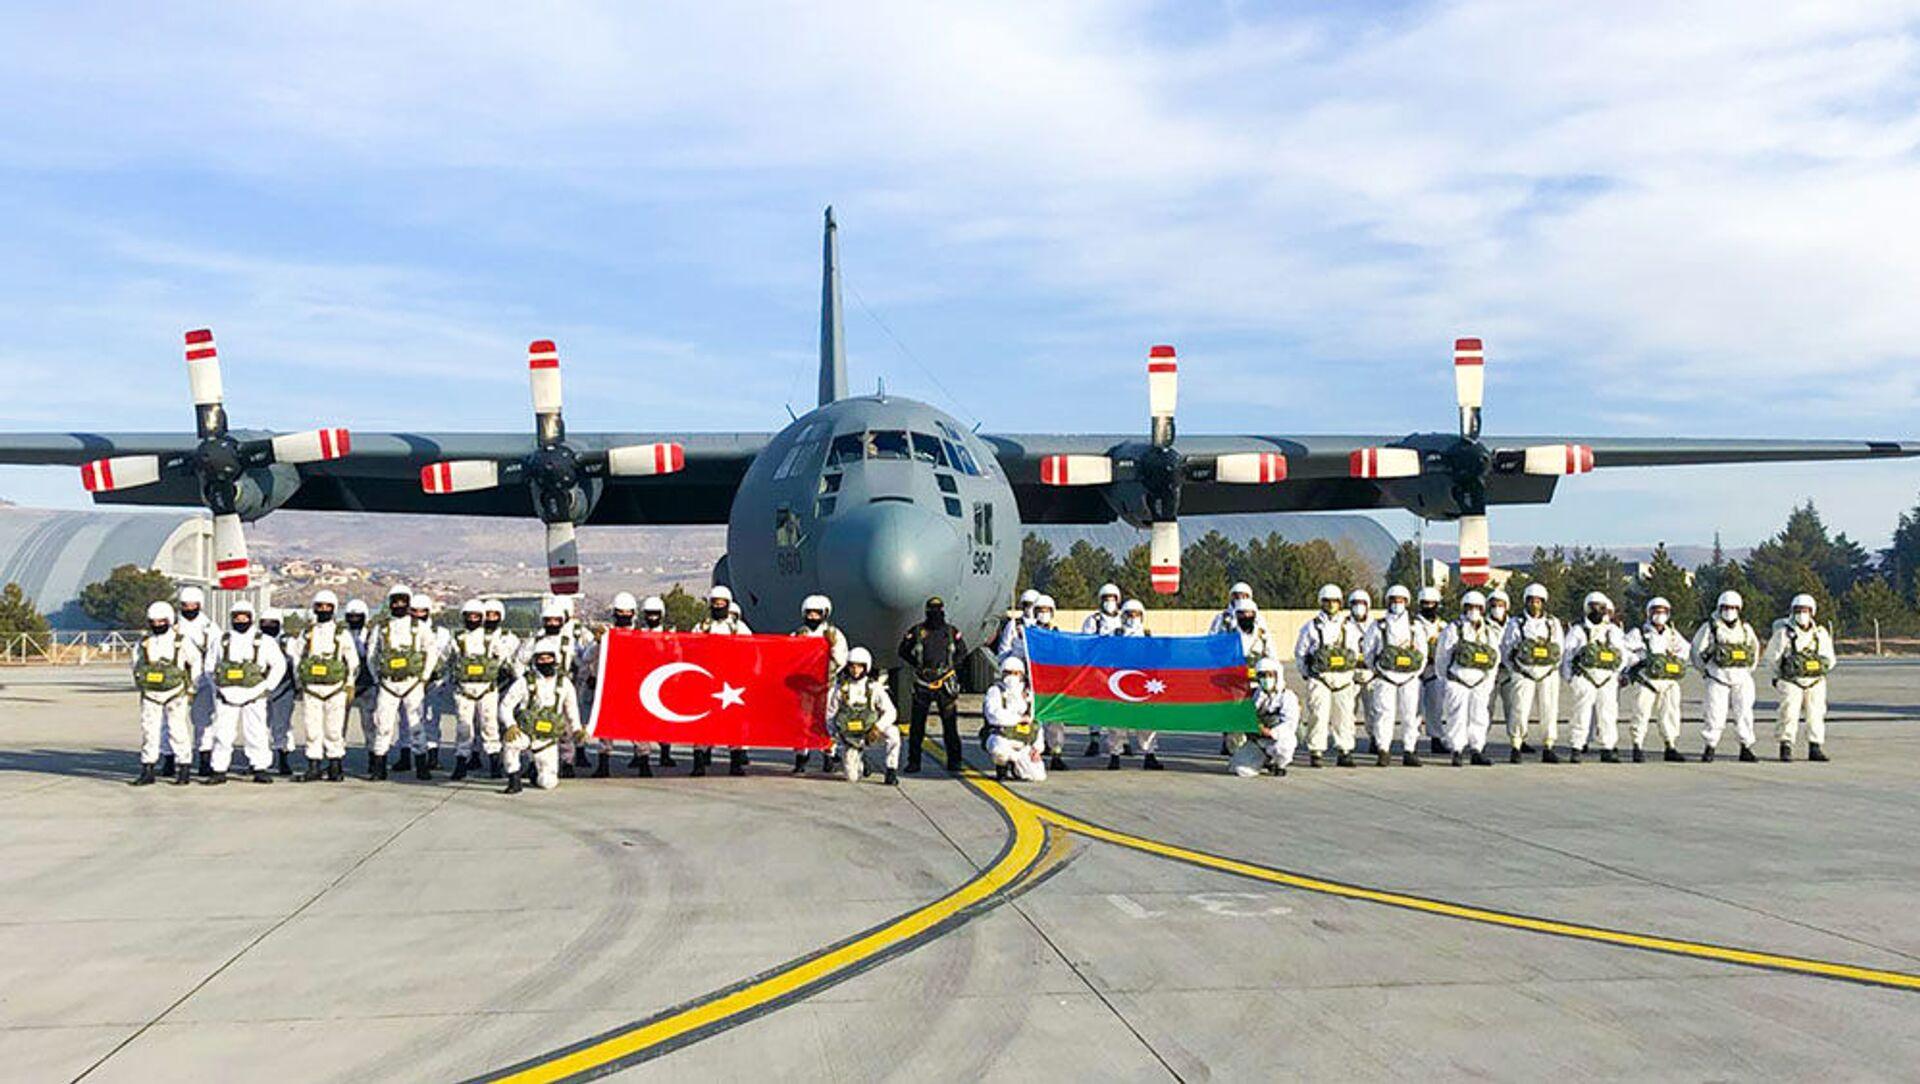 Азербайджанские и турецкие военнослужащие на «Зимних учениях 2021» в Карсе - Sputnik Азербайджан, 1920, 07.02.2021